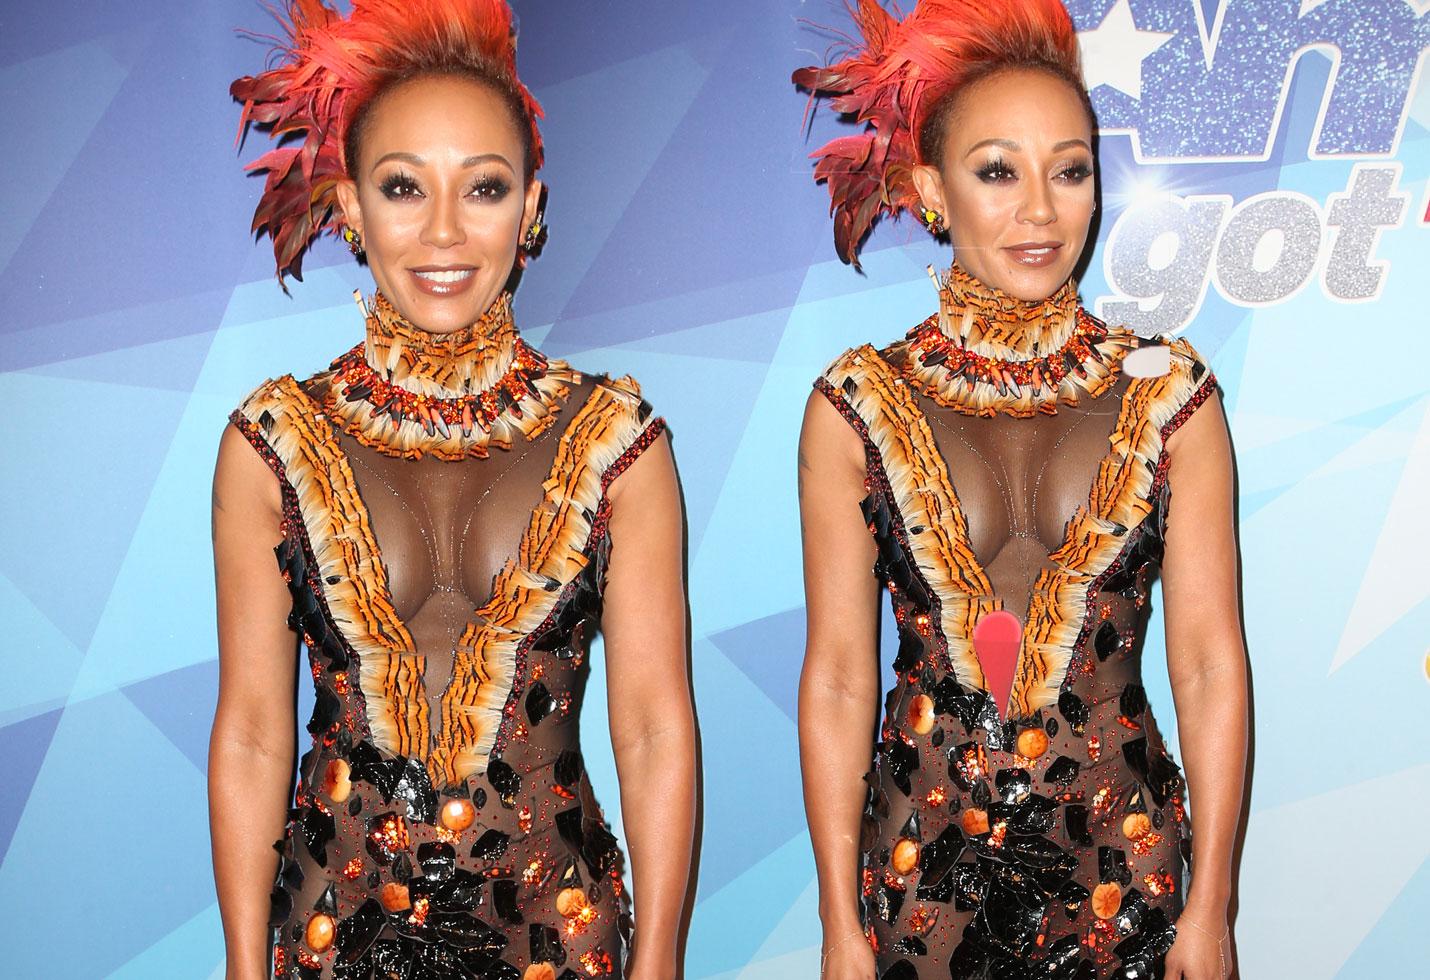 Mel B Americas Got Talent Premiere Crazy Outfit